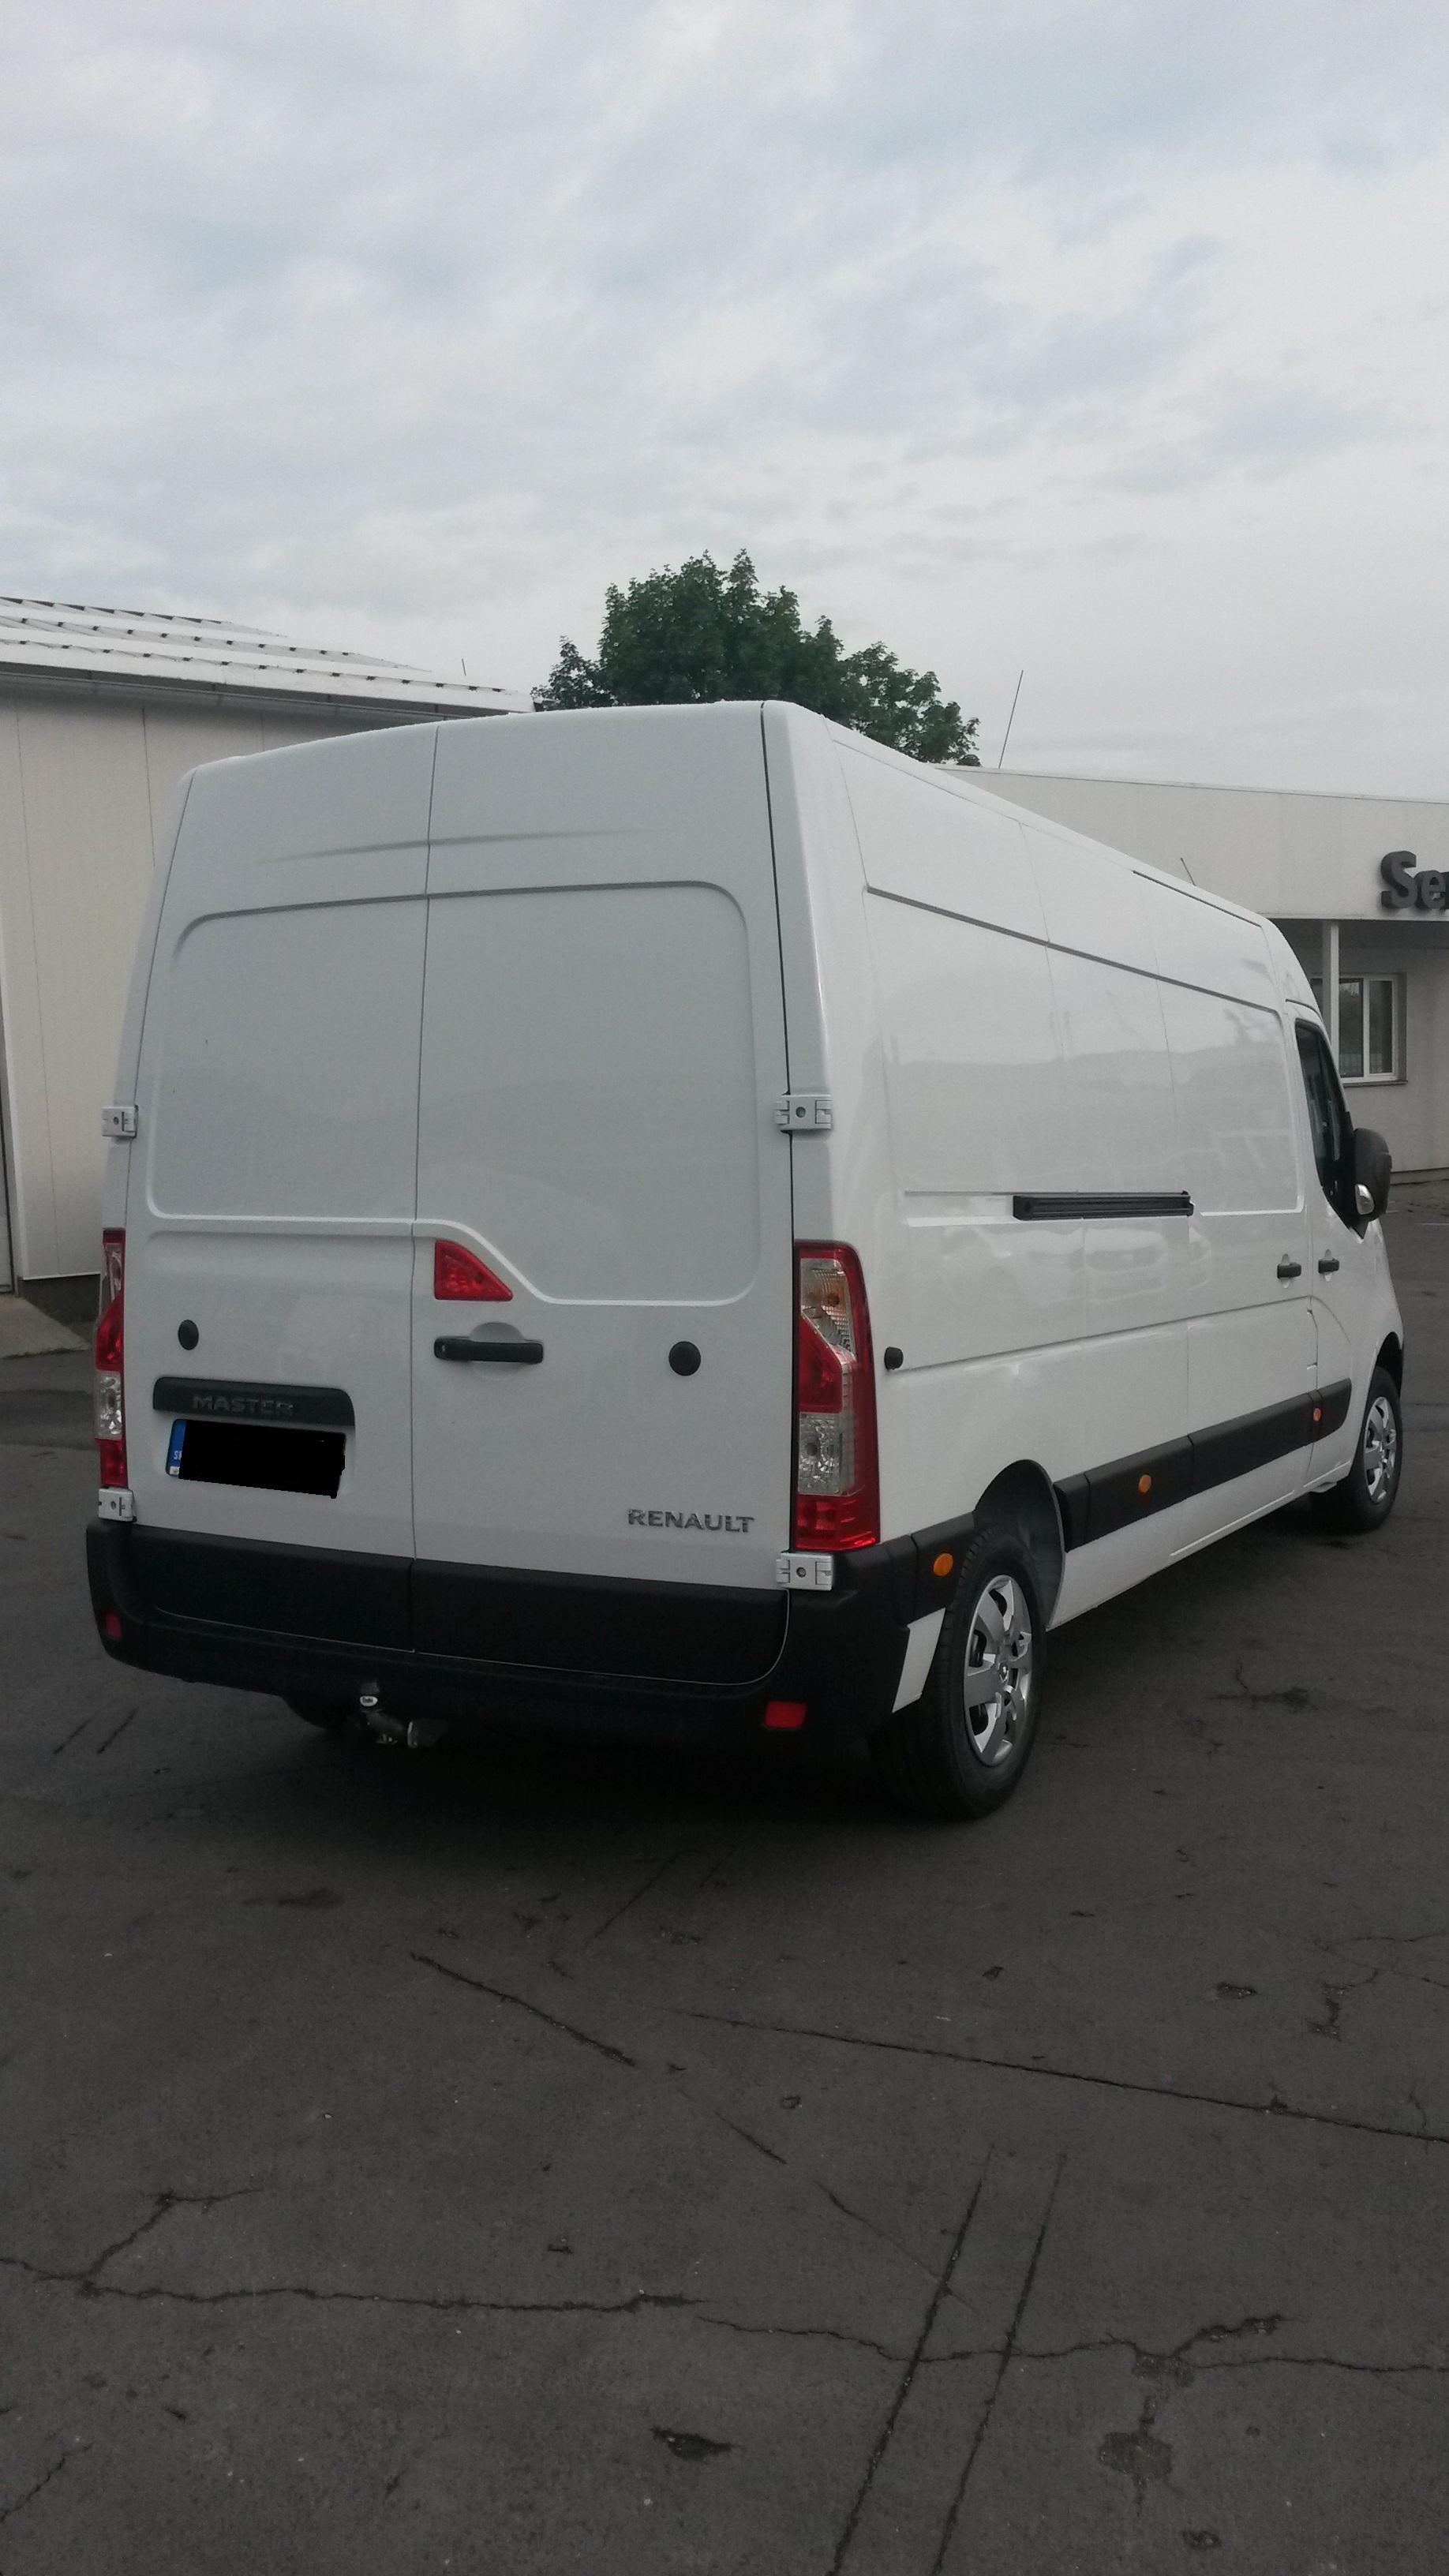 9miestneauto - prenájom úžitkového vozidla Renault Master - zadný pohľad